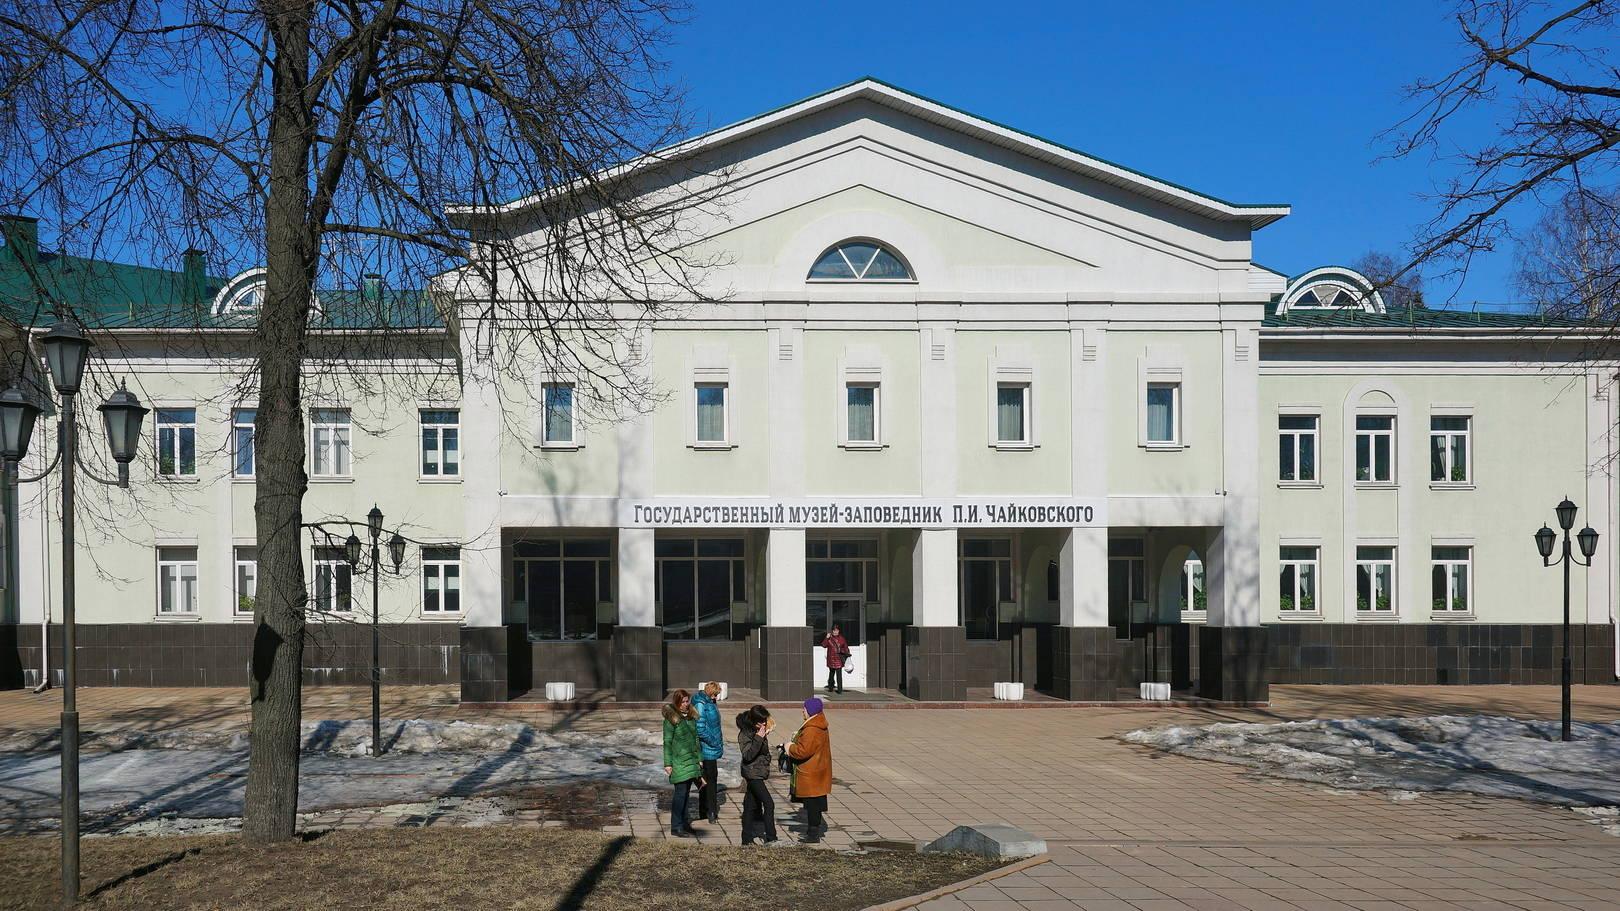 Клинская обитель   великого композитора П.И. Чайковского.